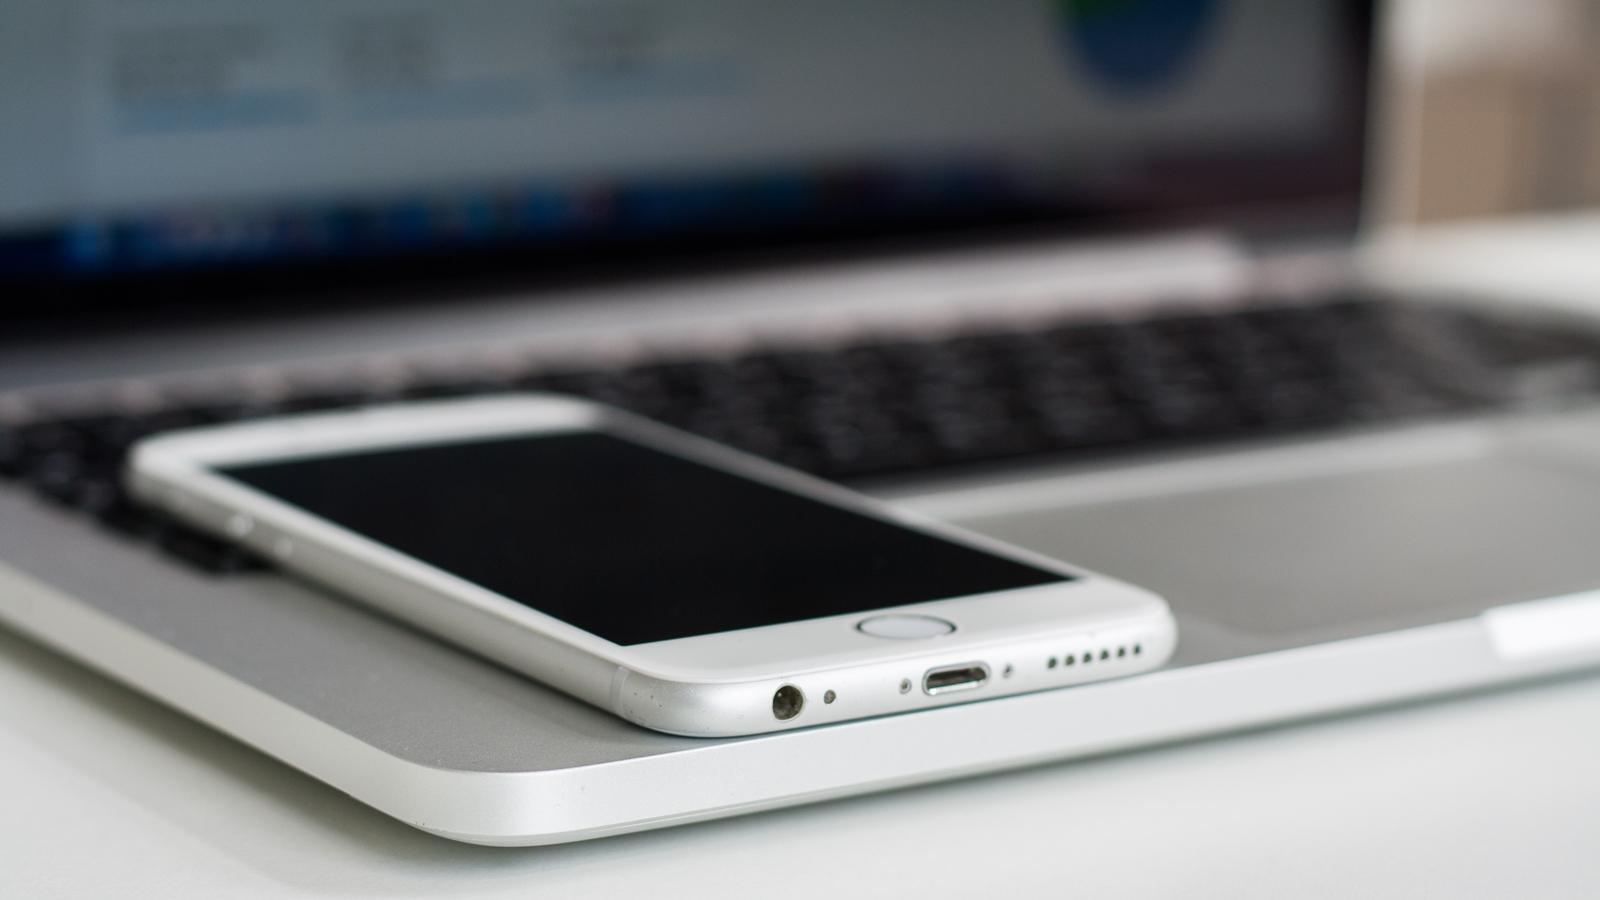 Iphone Bildschirm Auf Pc Oder Mac übertragen So Gehts